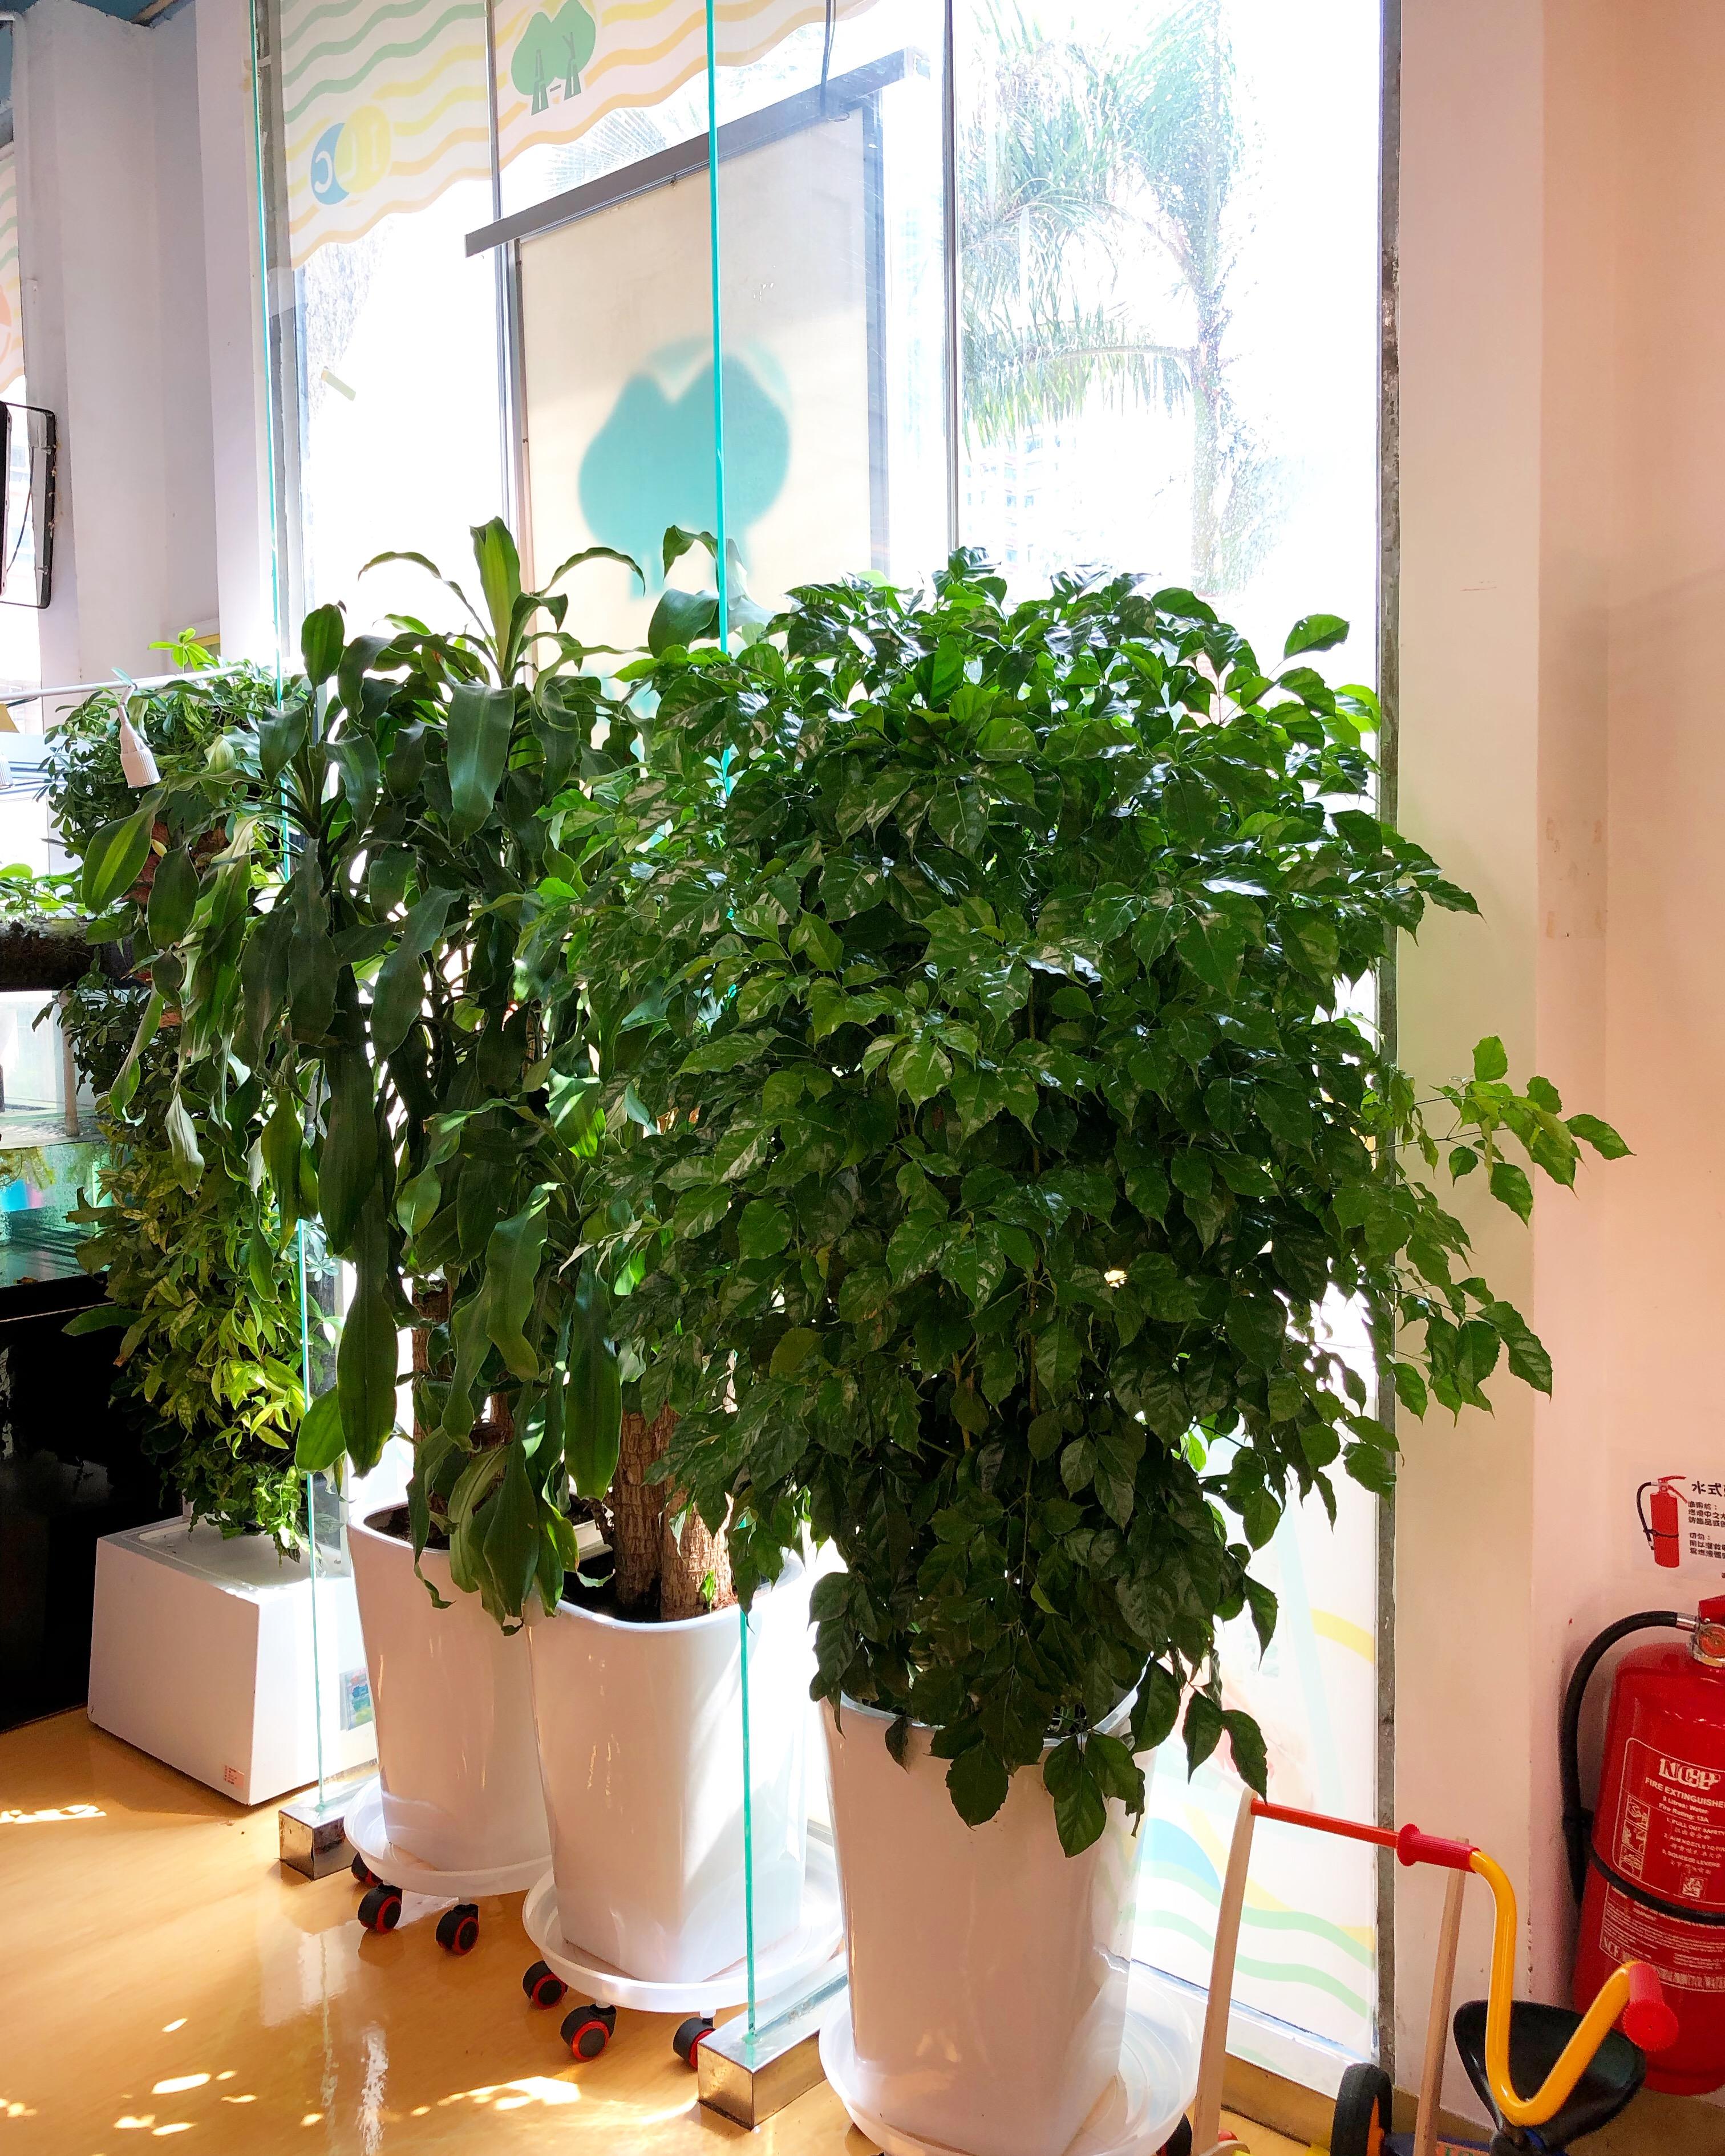 購買大型室內植物